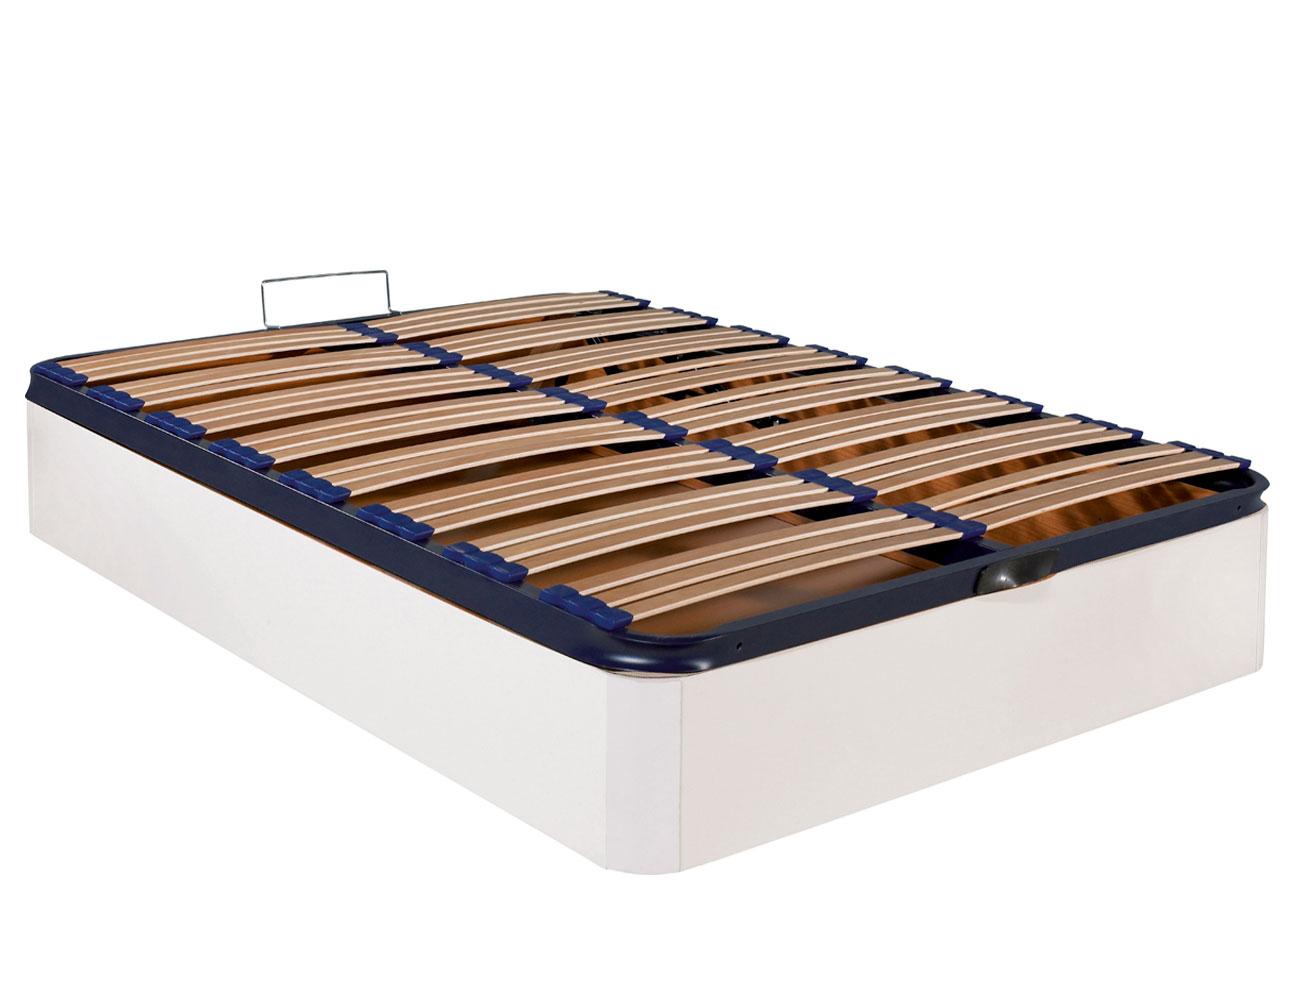 Canape madera blanco somier multilaminas barato ebro cerrado